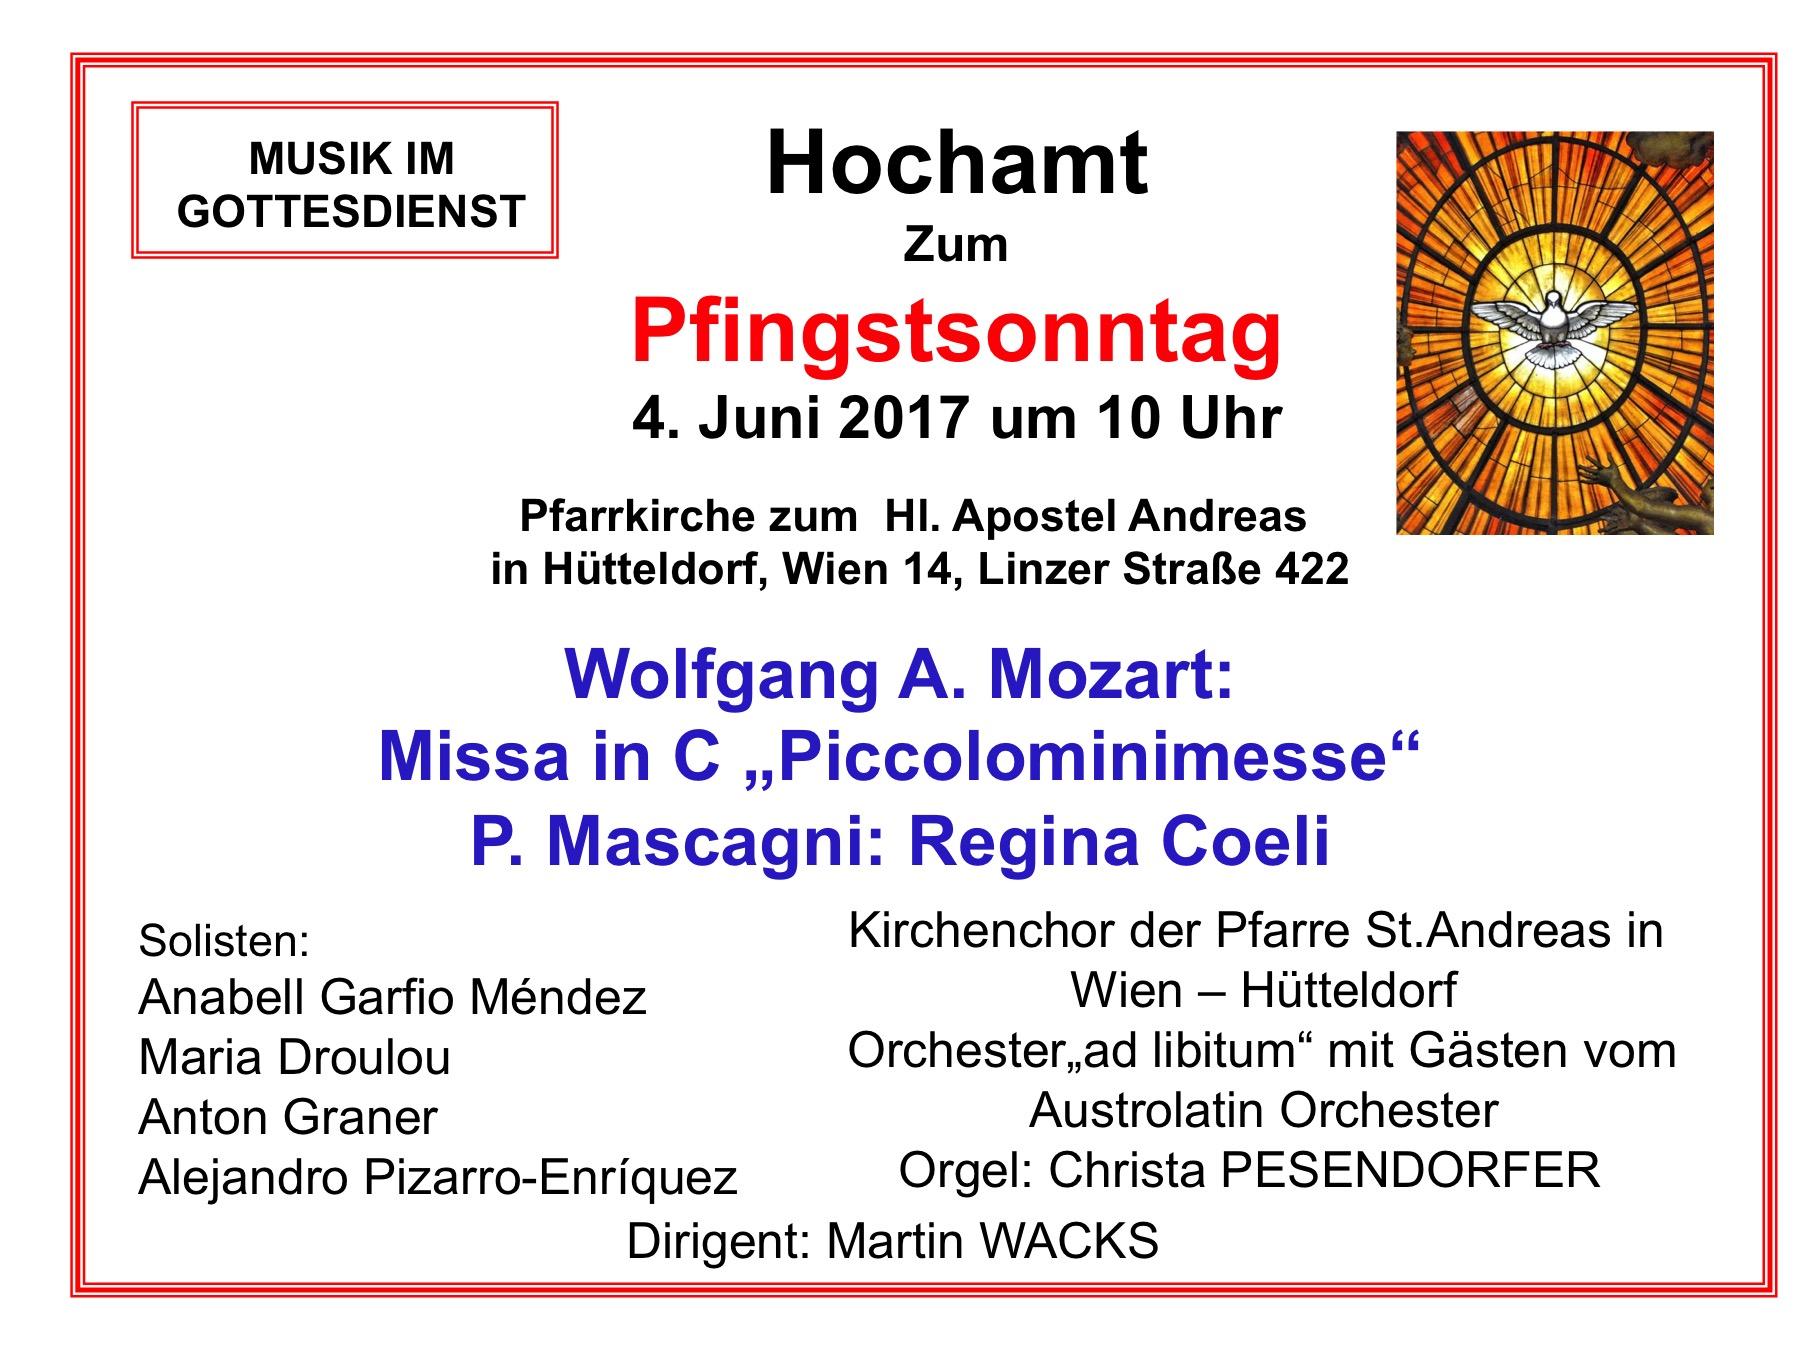 Mozart und Mascagni